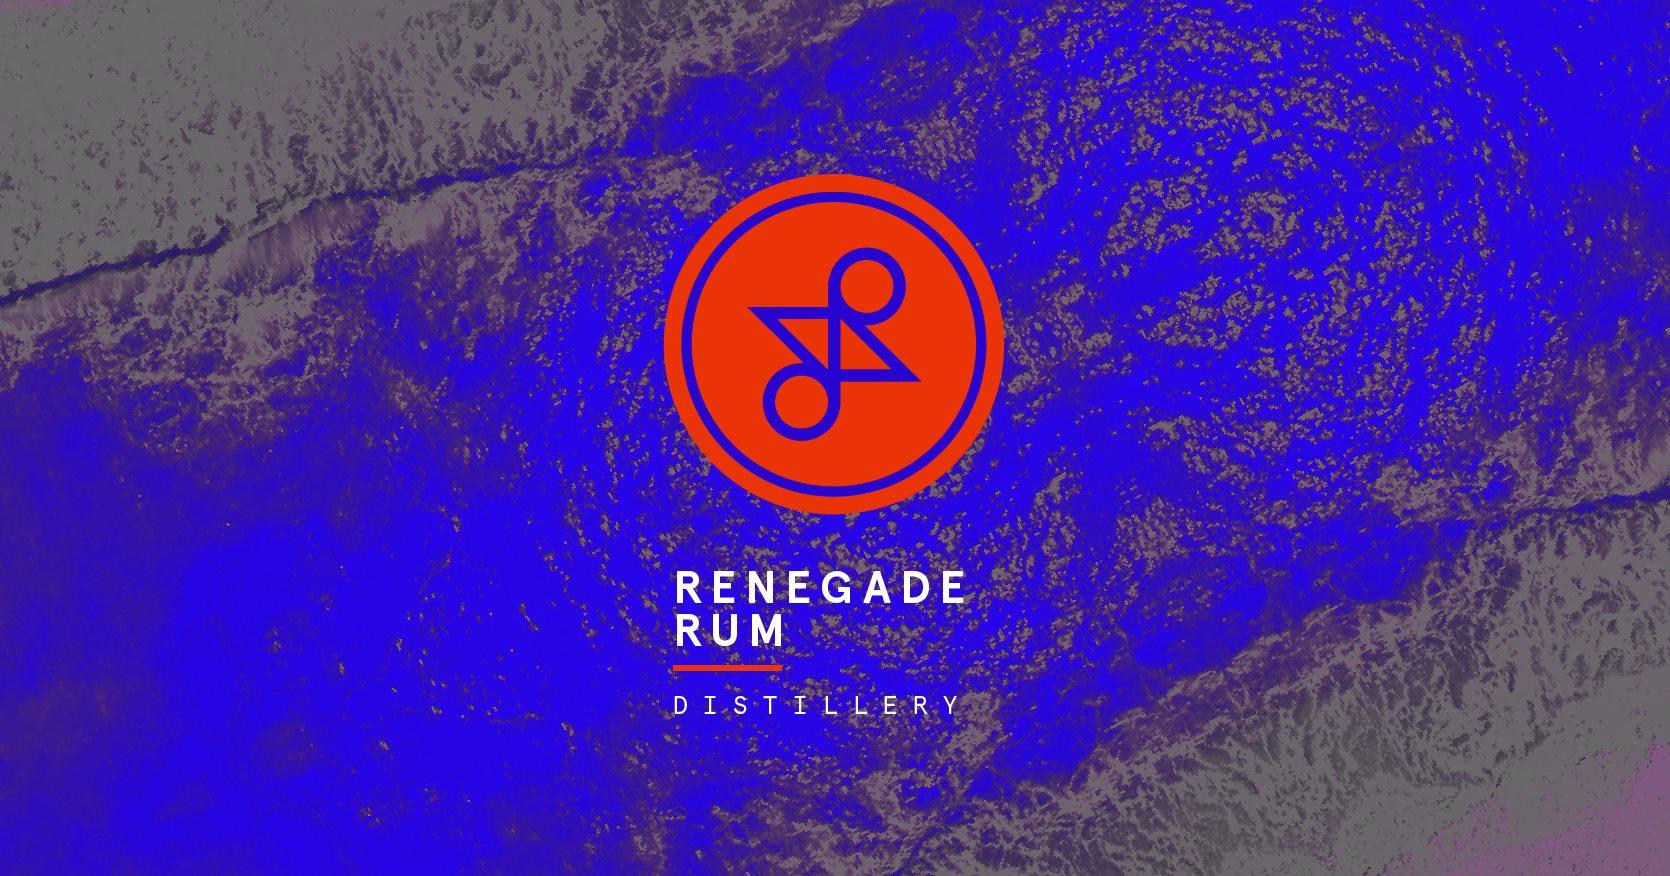 Renegade Rum Distillery – Unikátní rumový projekt na ostrově Grenada